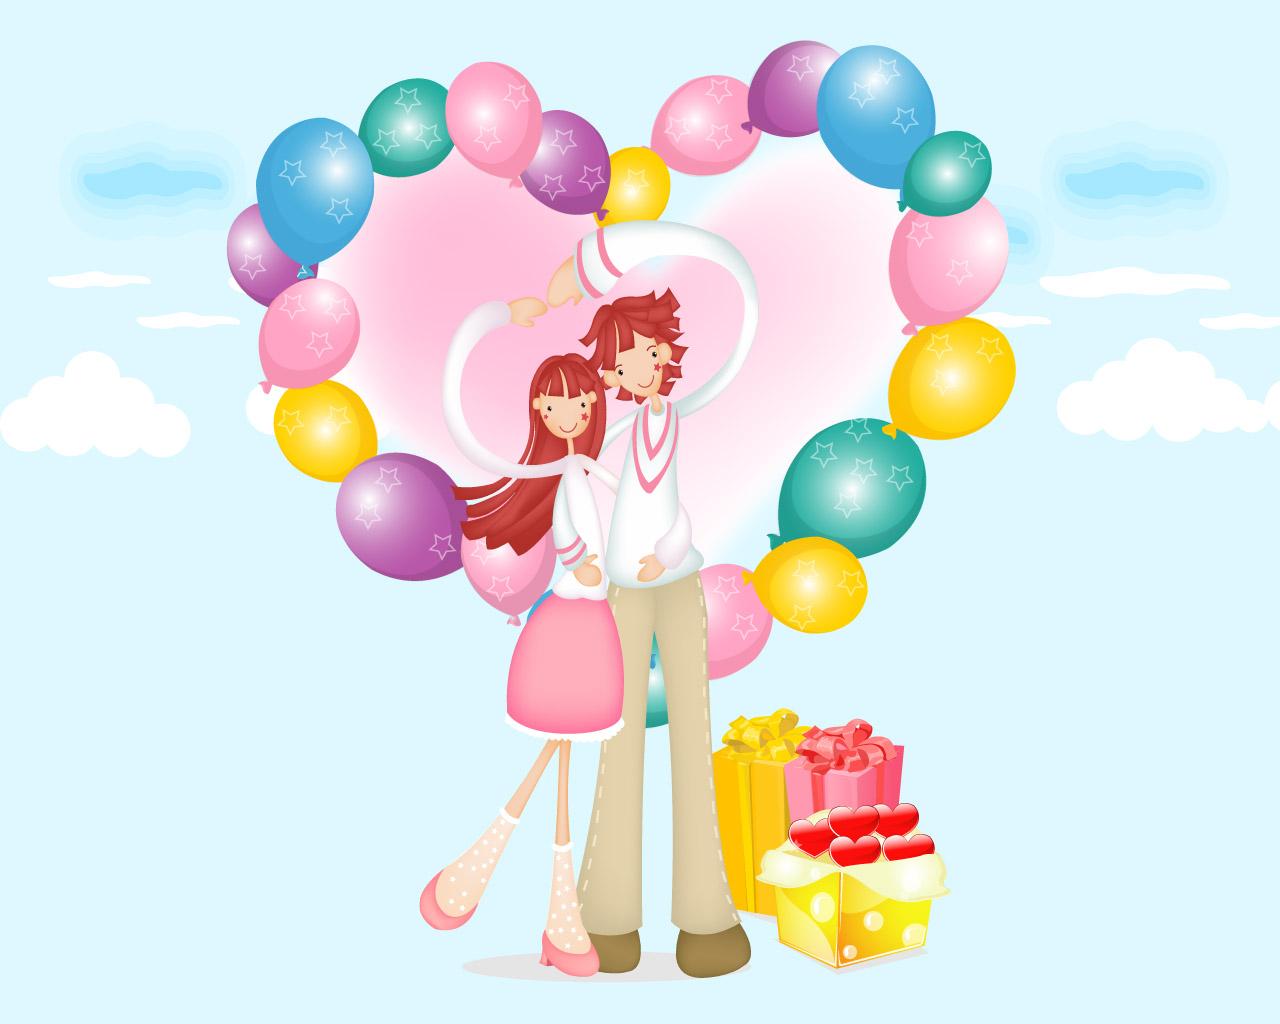 Gambar Kartun Romantis Lucu